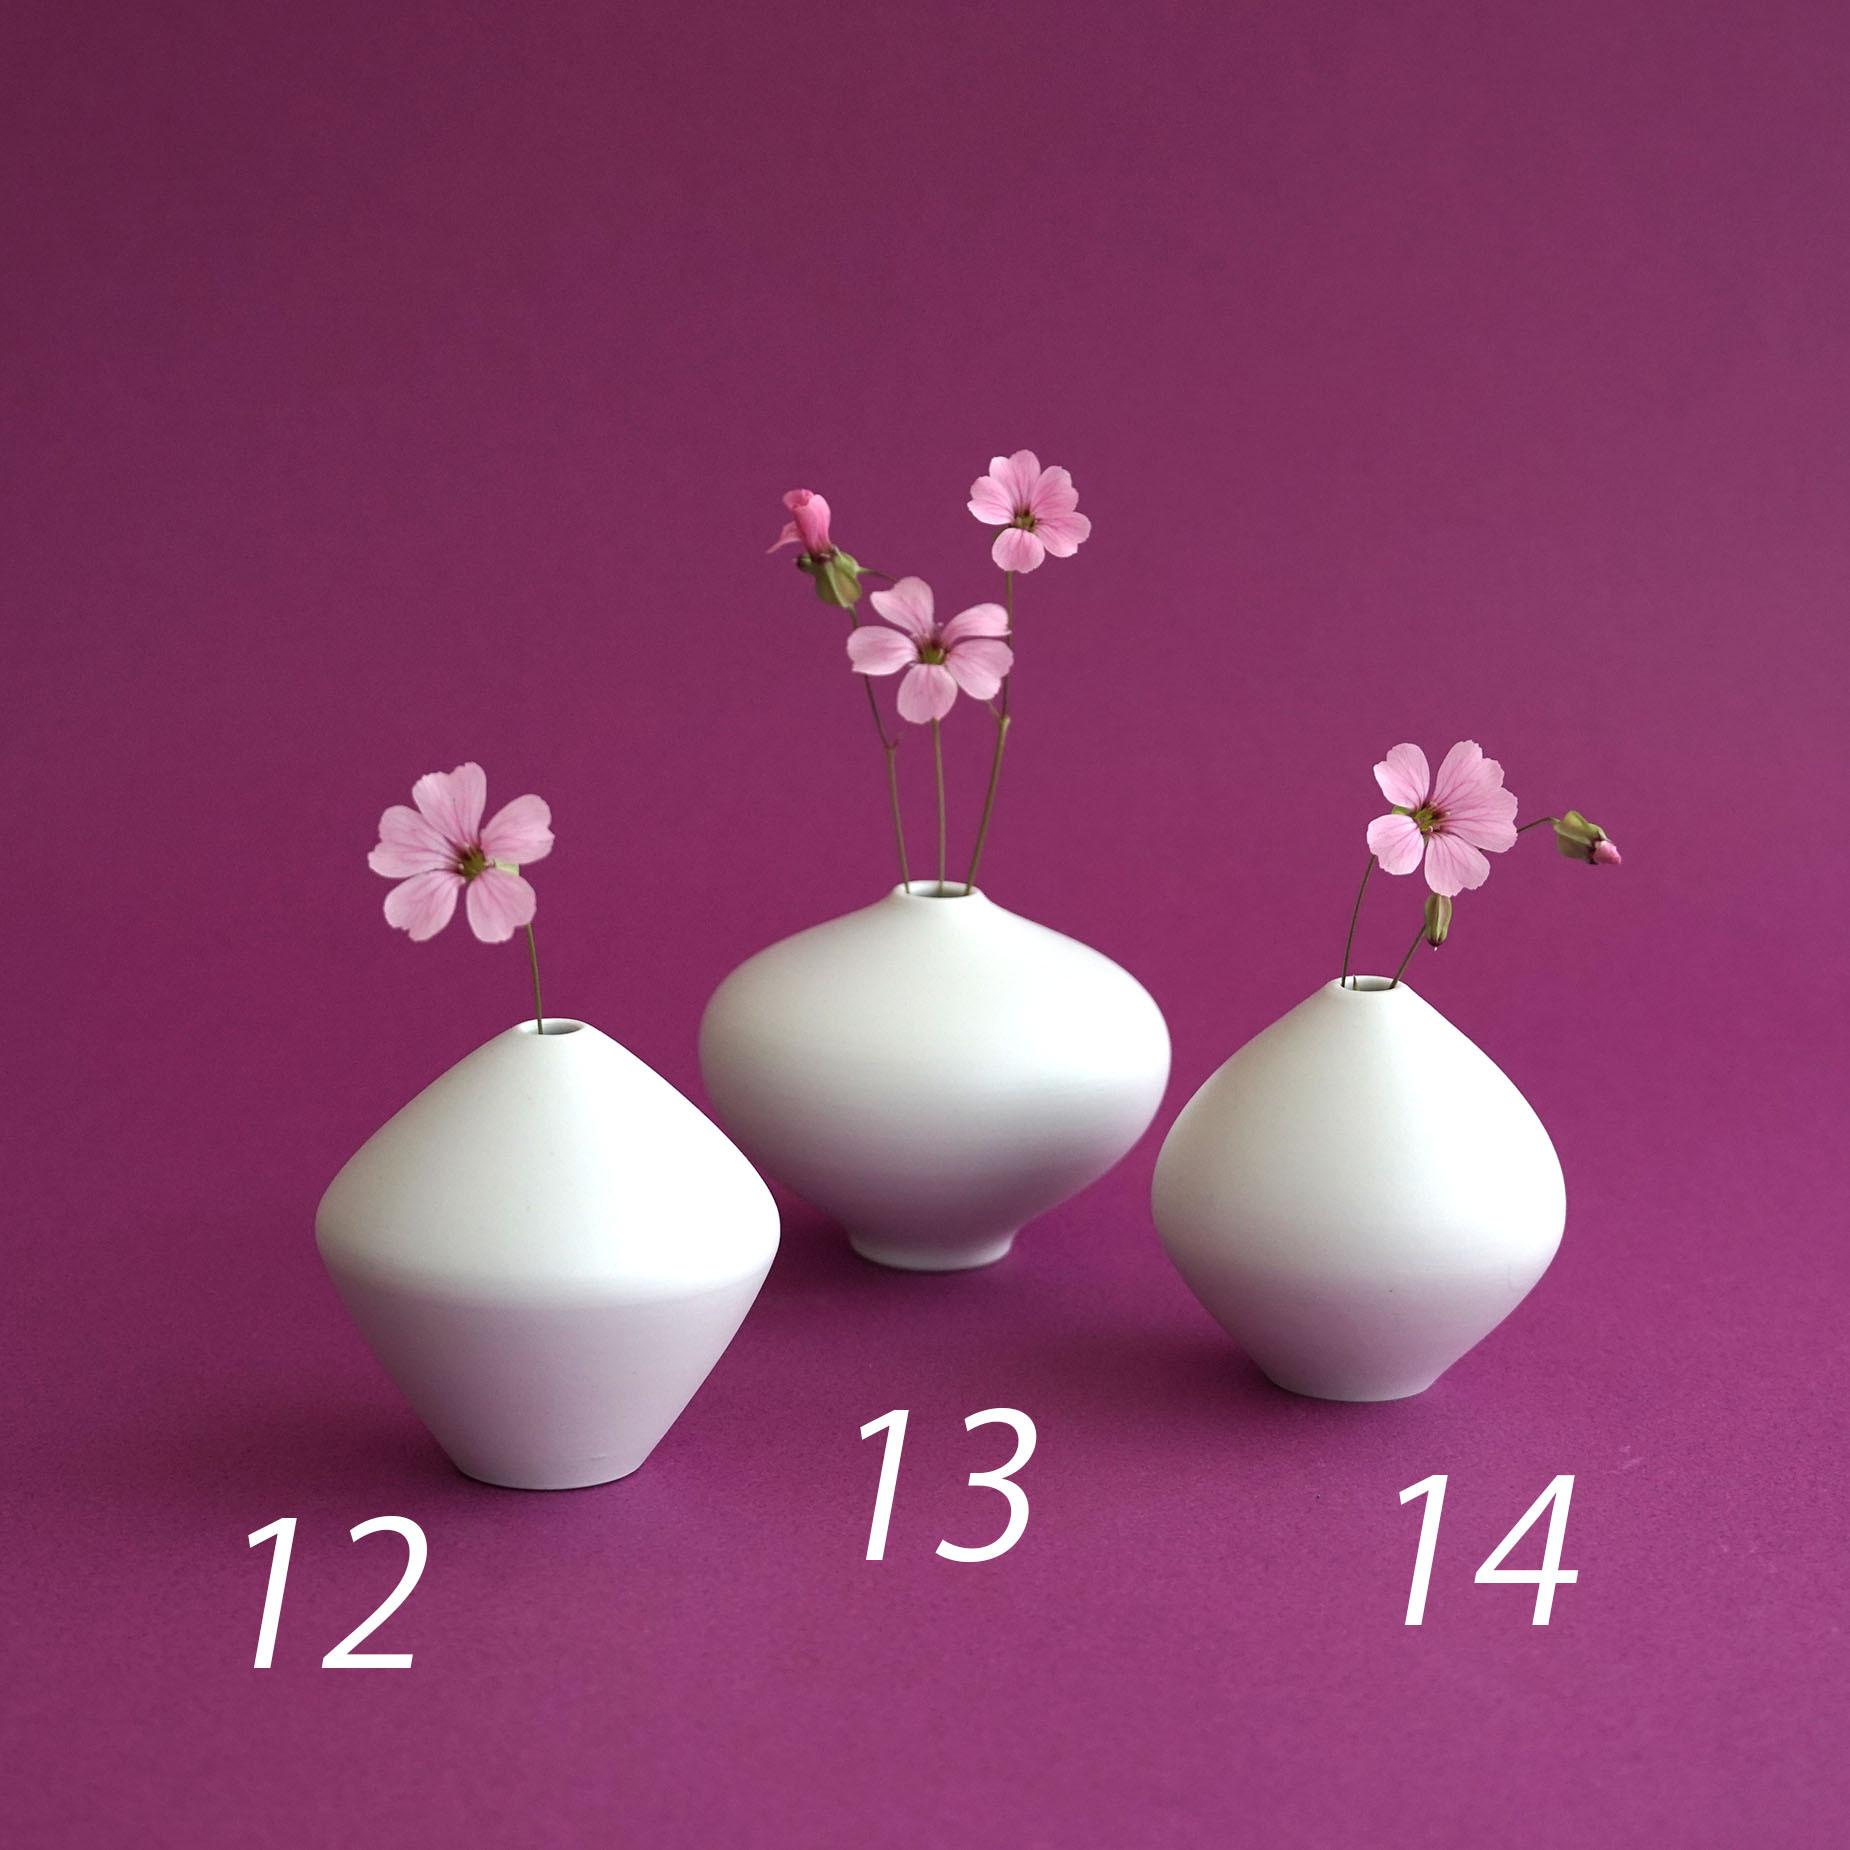 ミニ花瓶 12 13 14【studio wani】